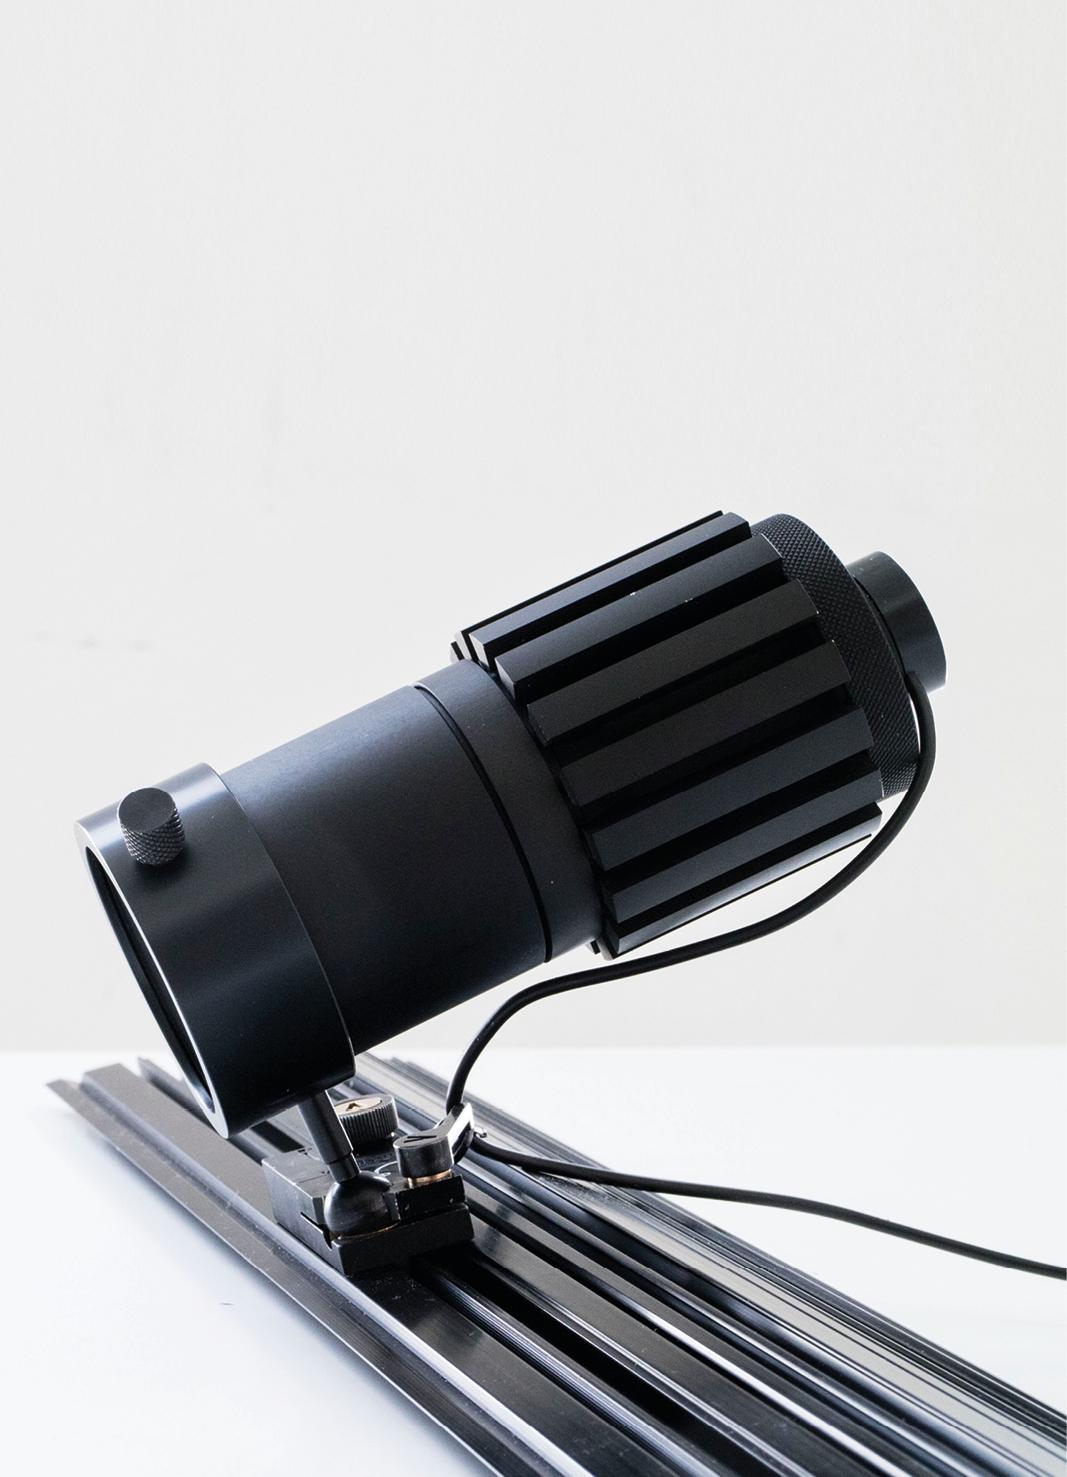 kit elettrici di cablaggio per sistemi integrati con l'architettura_img9